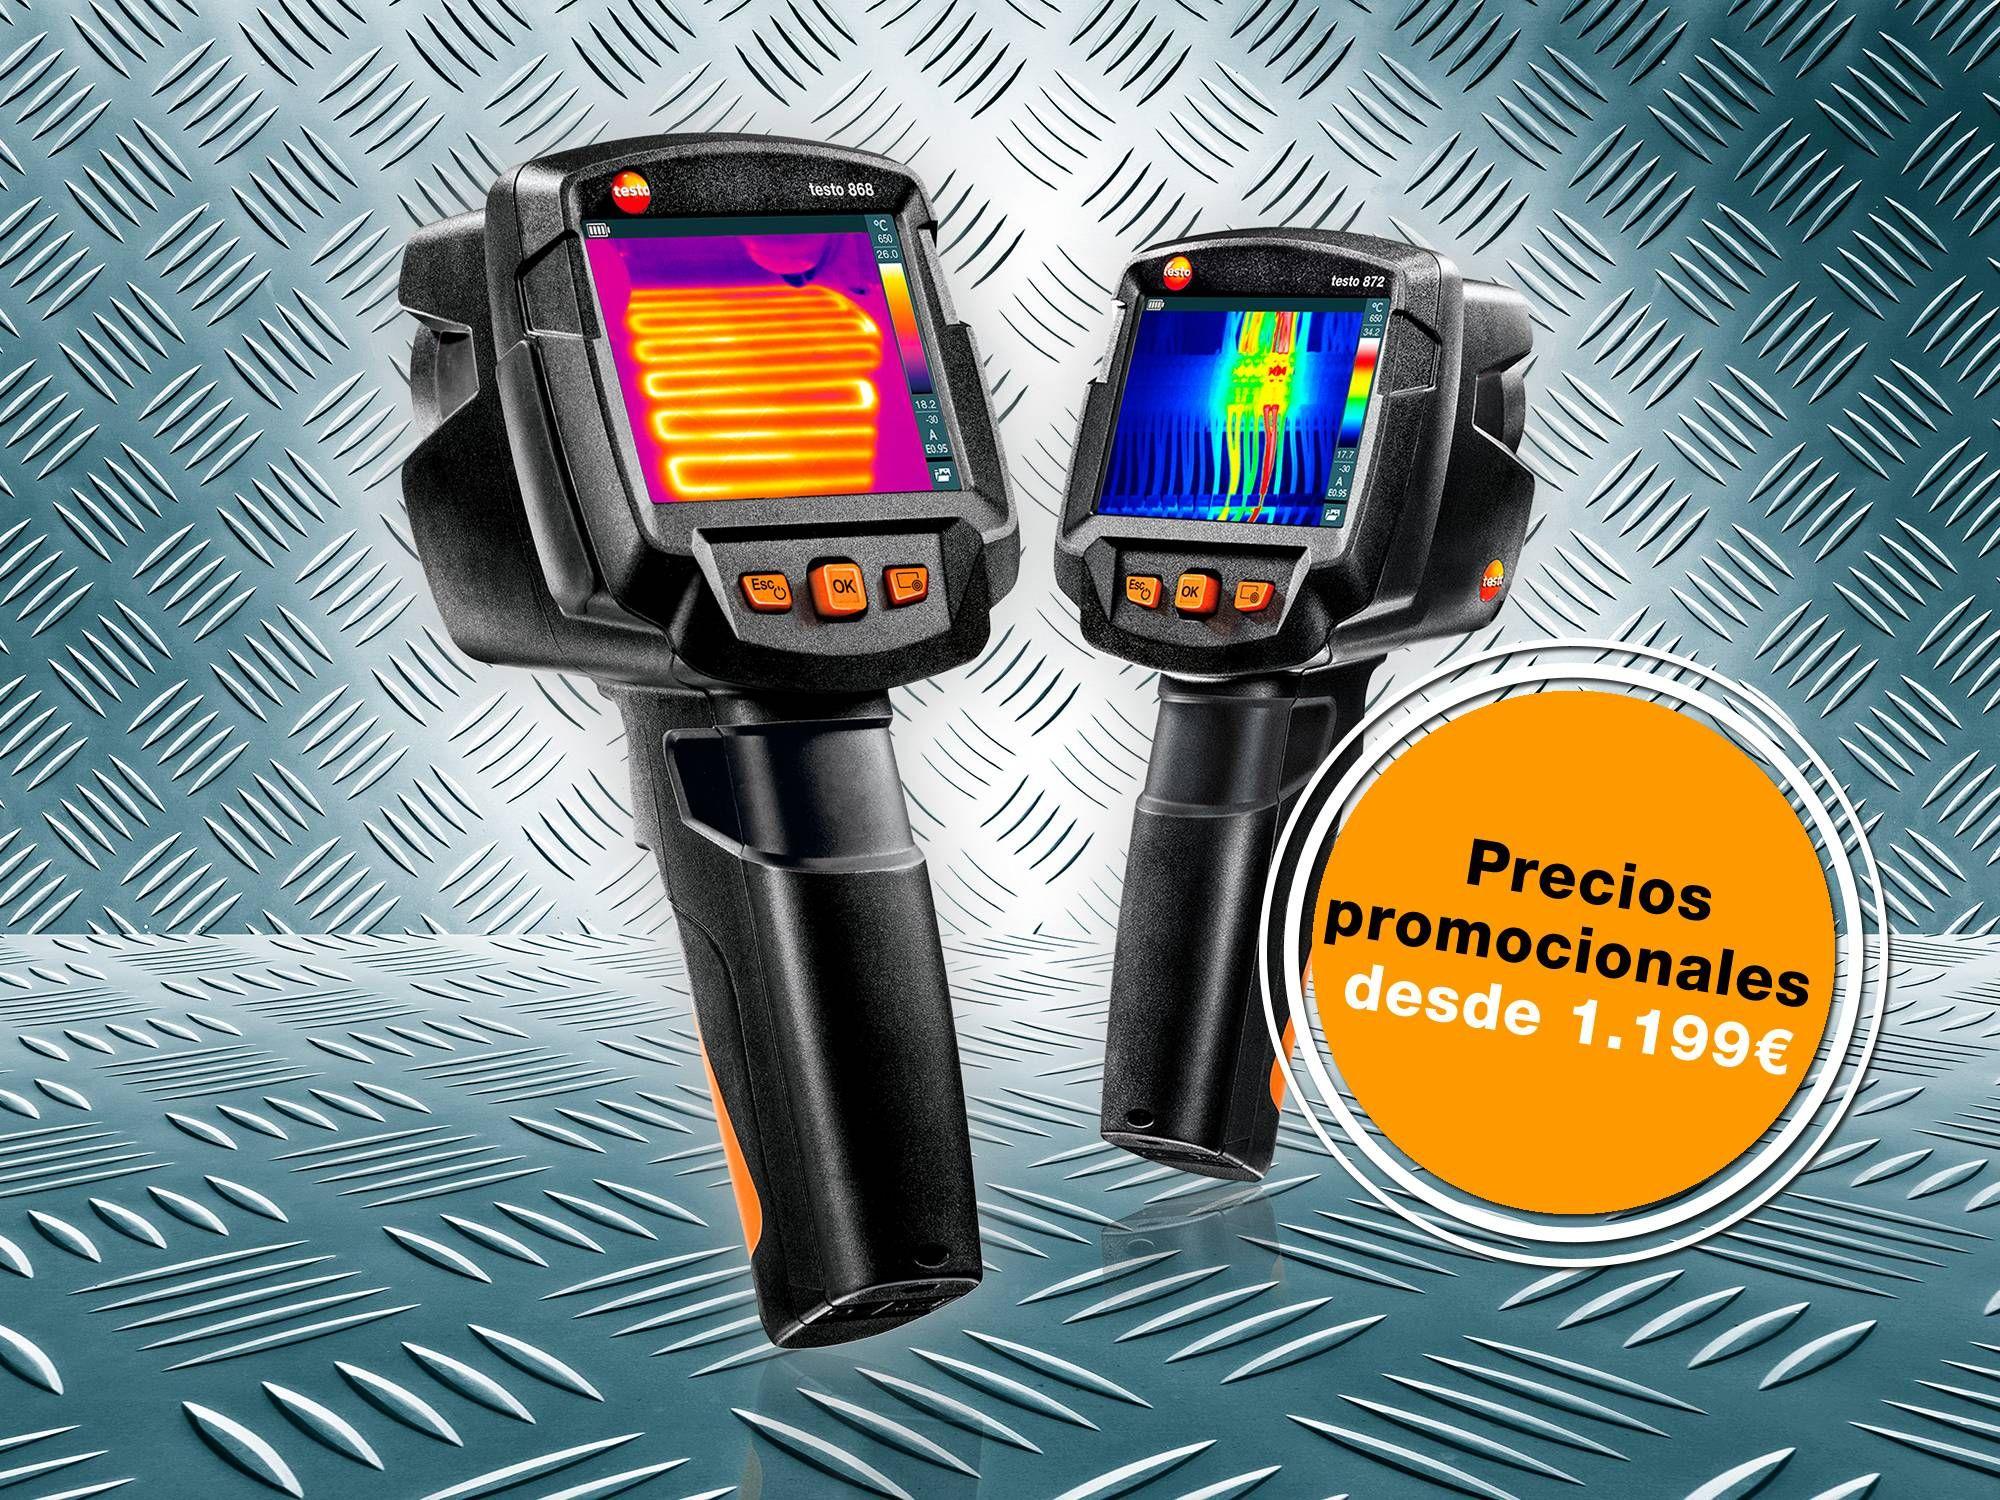 Imag-ES-testo-TI-promo-2020-teaser-868-872-2000x1500px.jpg